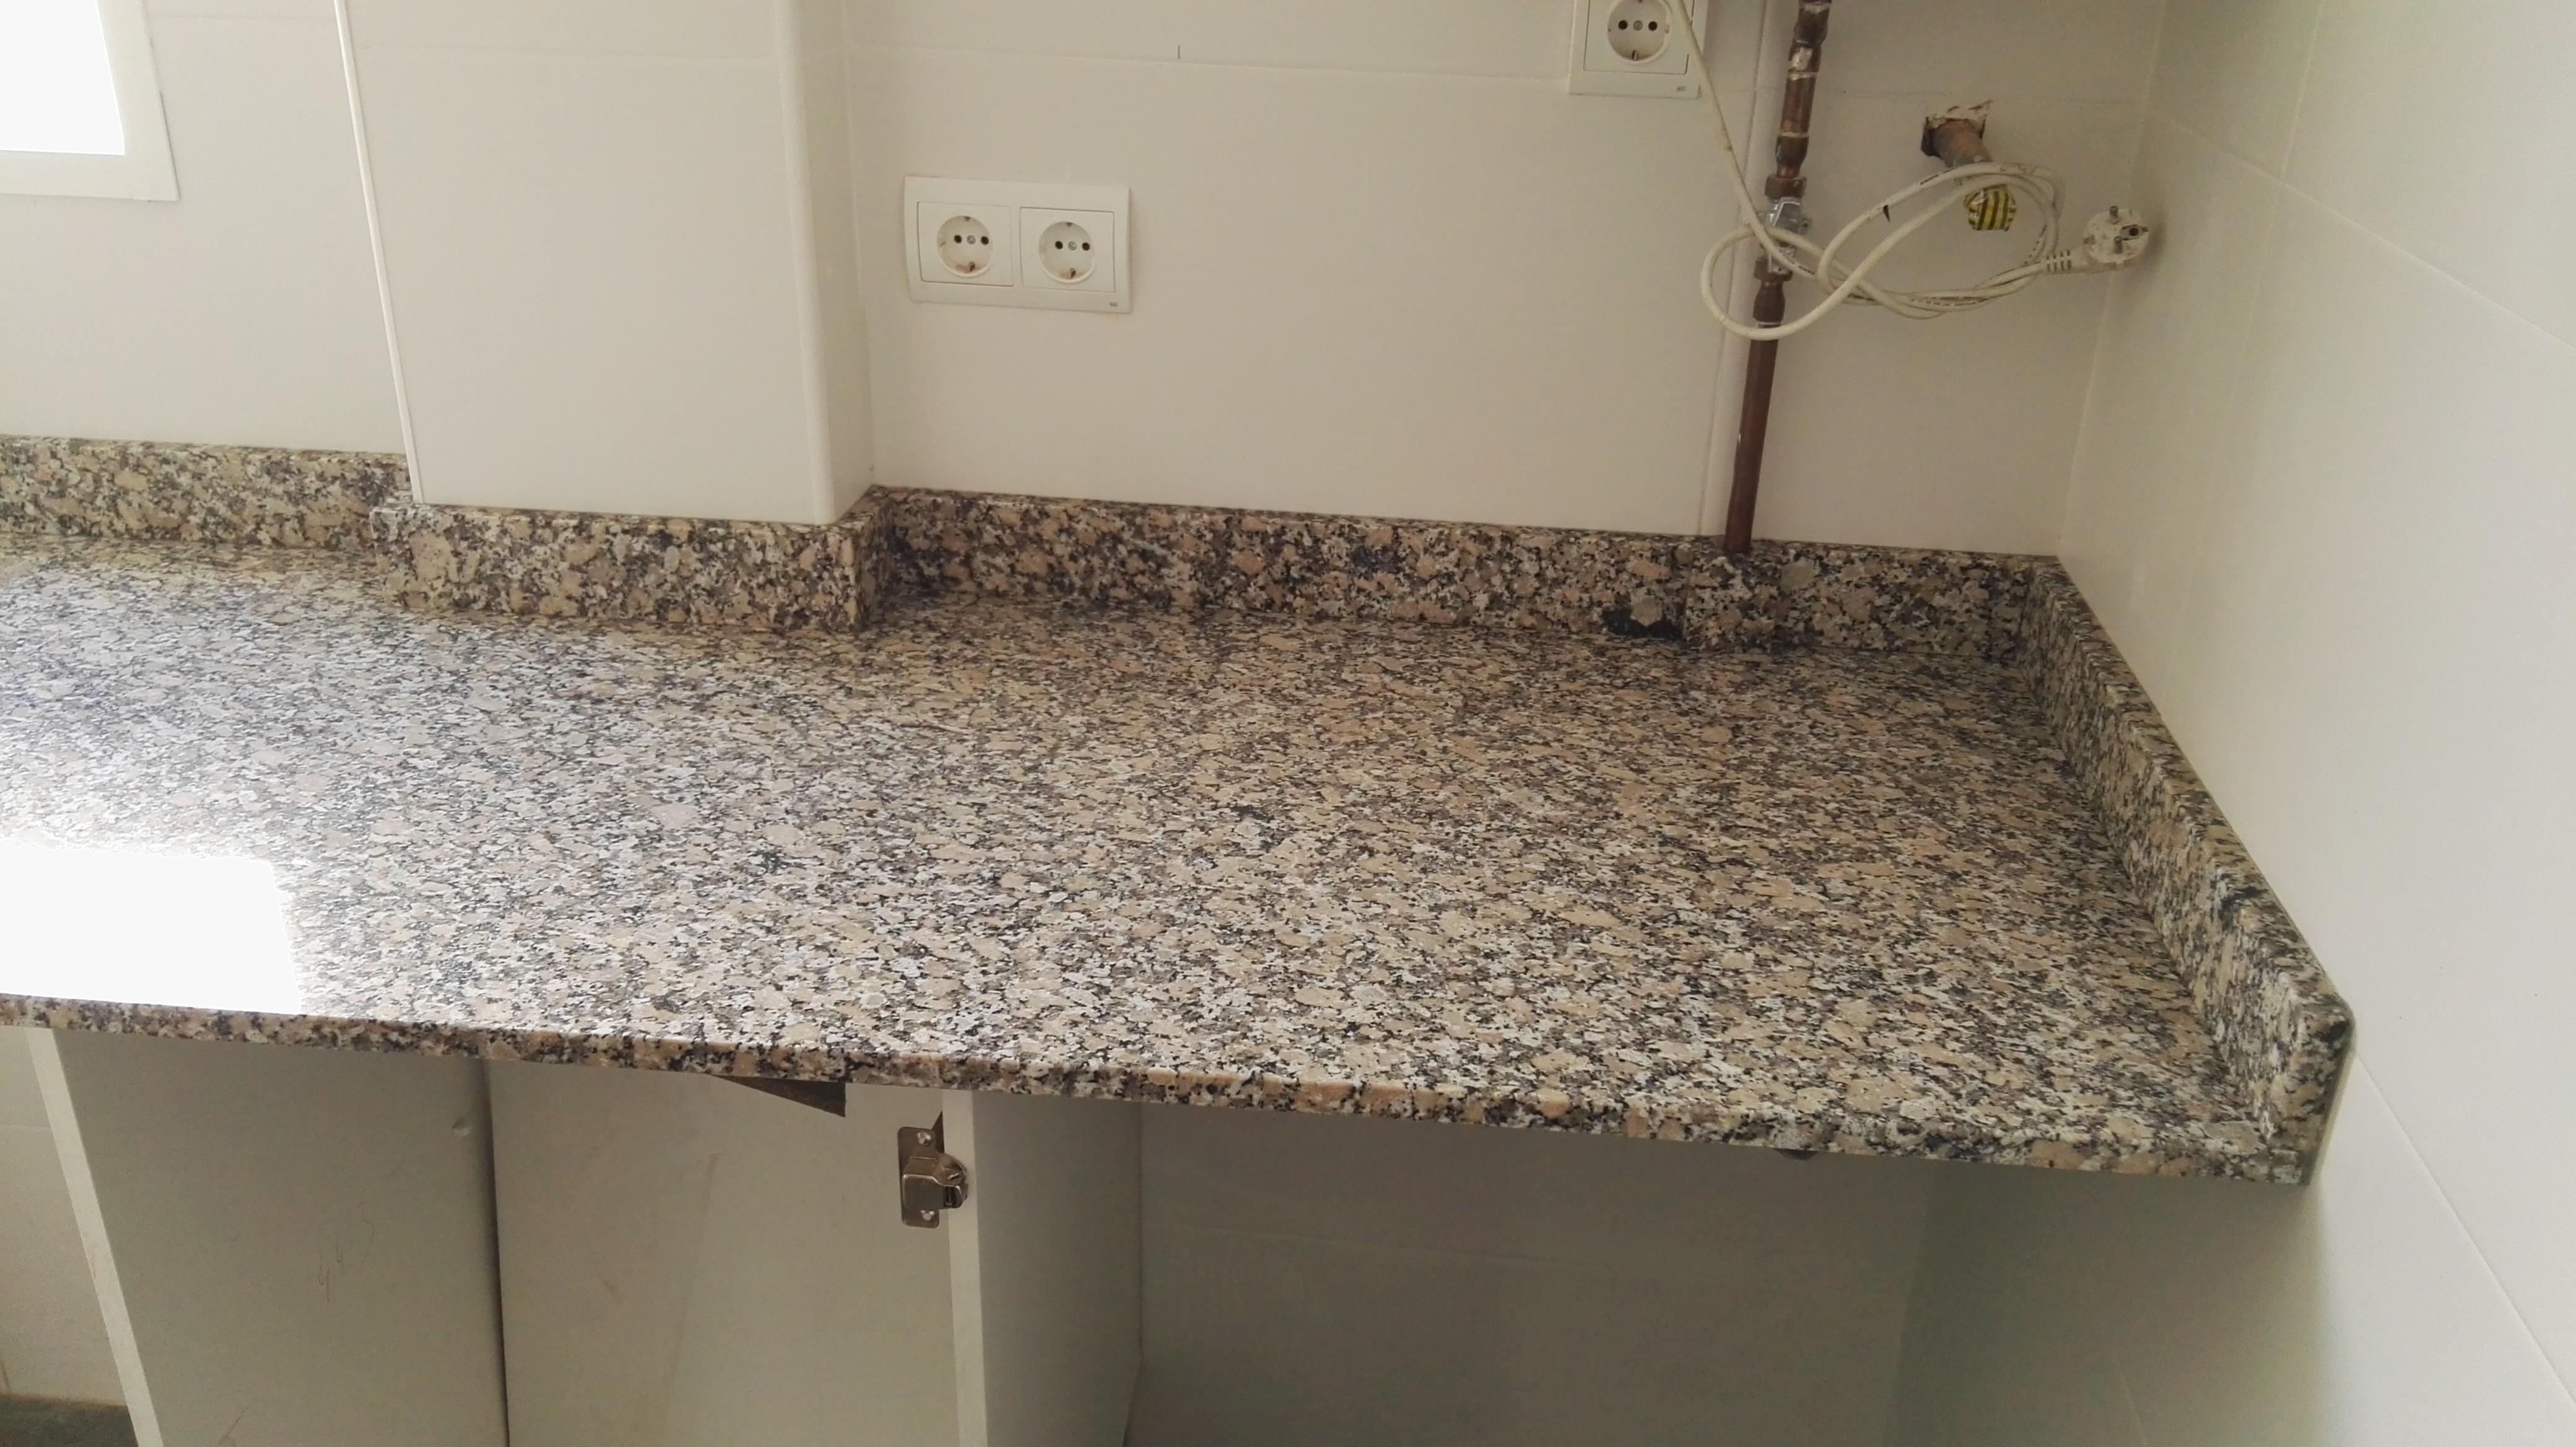 Encimeras de granito nacional best aparicio cocinas for Encimeras de granito nacional